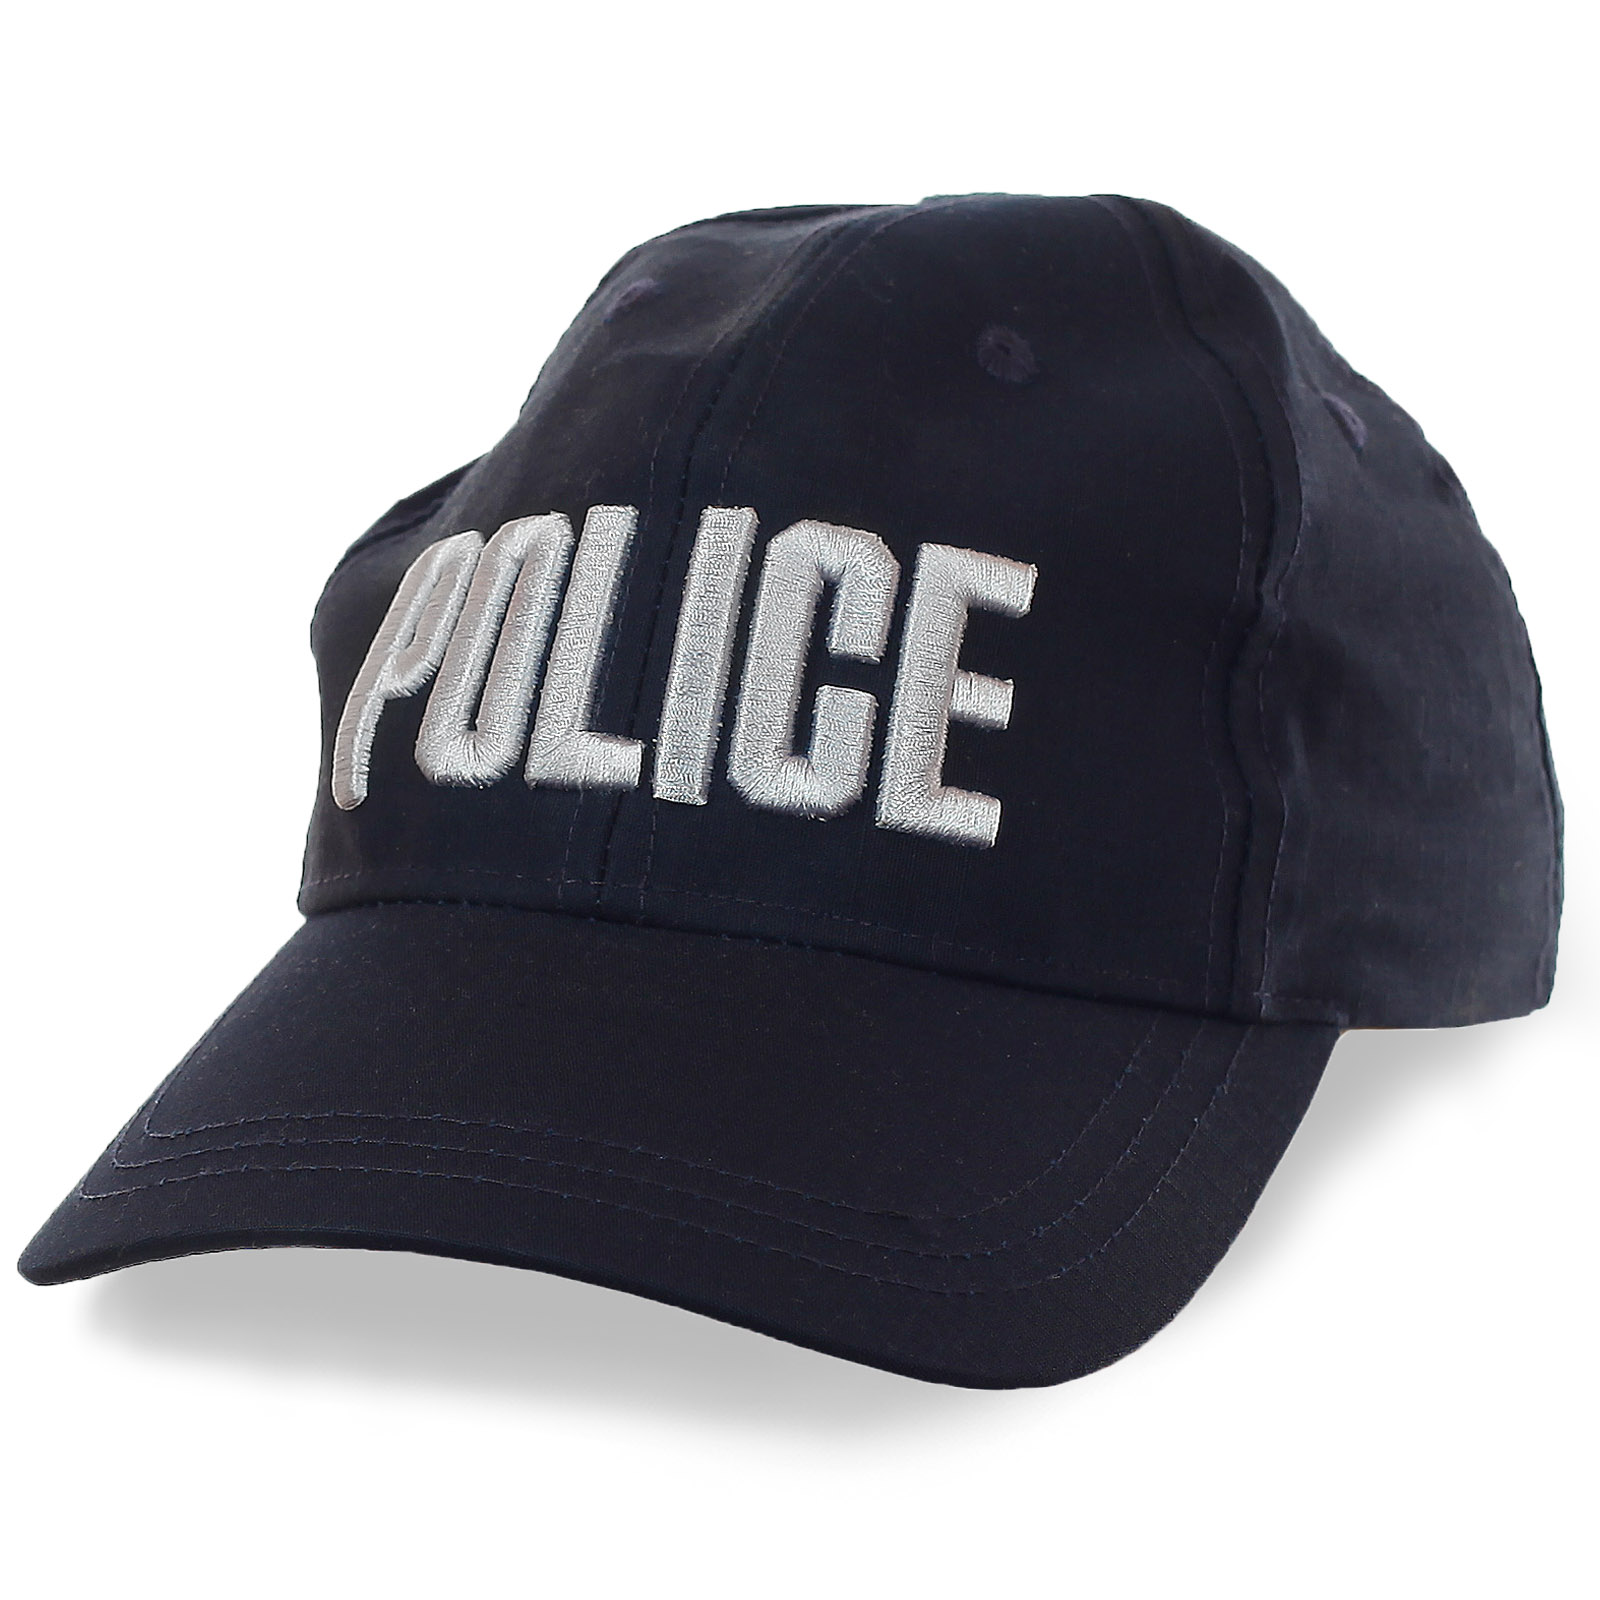 Кепка Полиция с заметными вышитыми буквами и флагом КНР на затылке. Размер регулируется ремешком на липучке. Дешевле некуда!